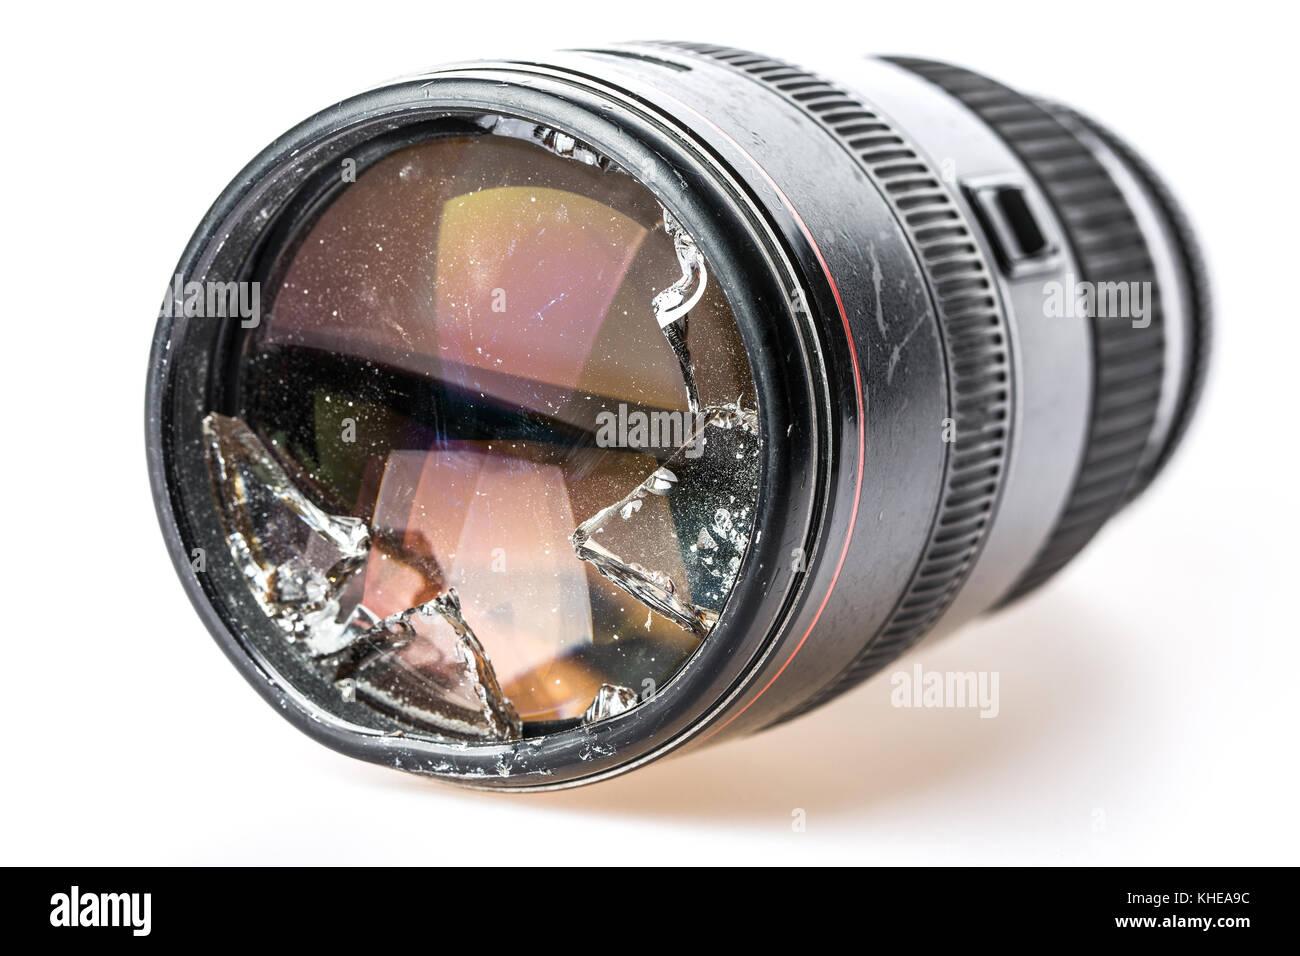 Un objectif de l'appareil photo cassé brisé Photo Stock